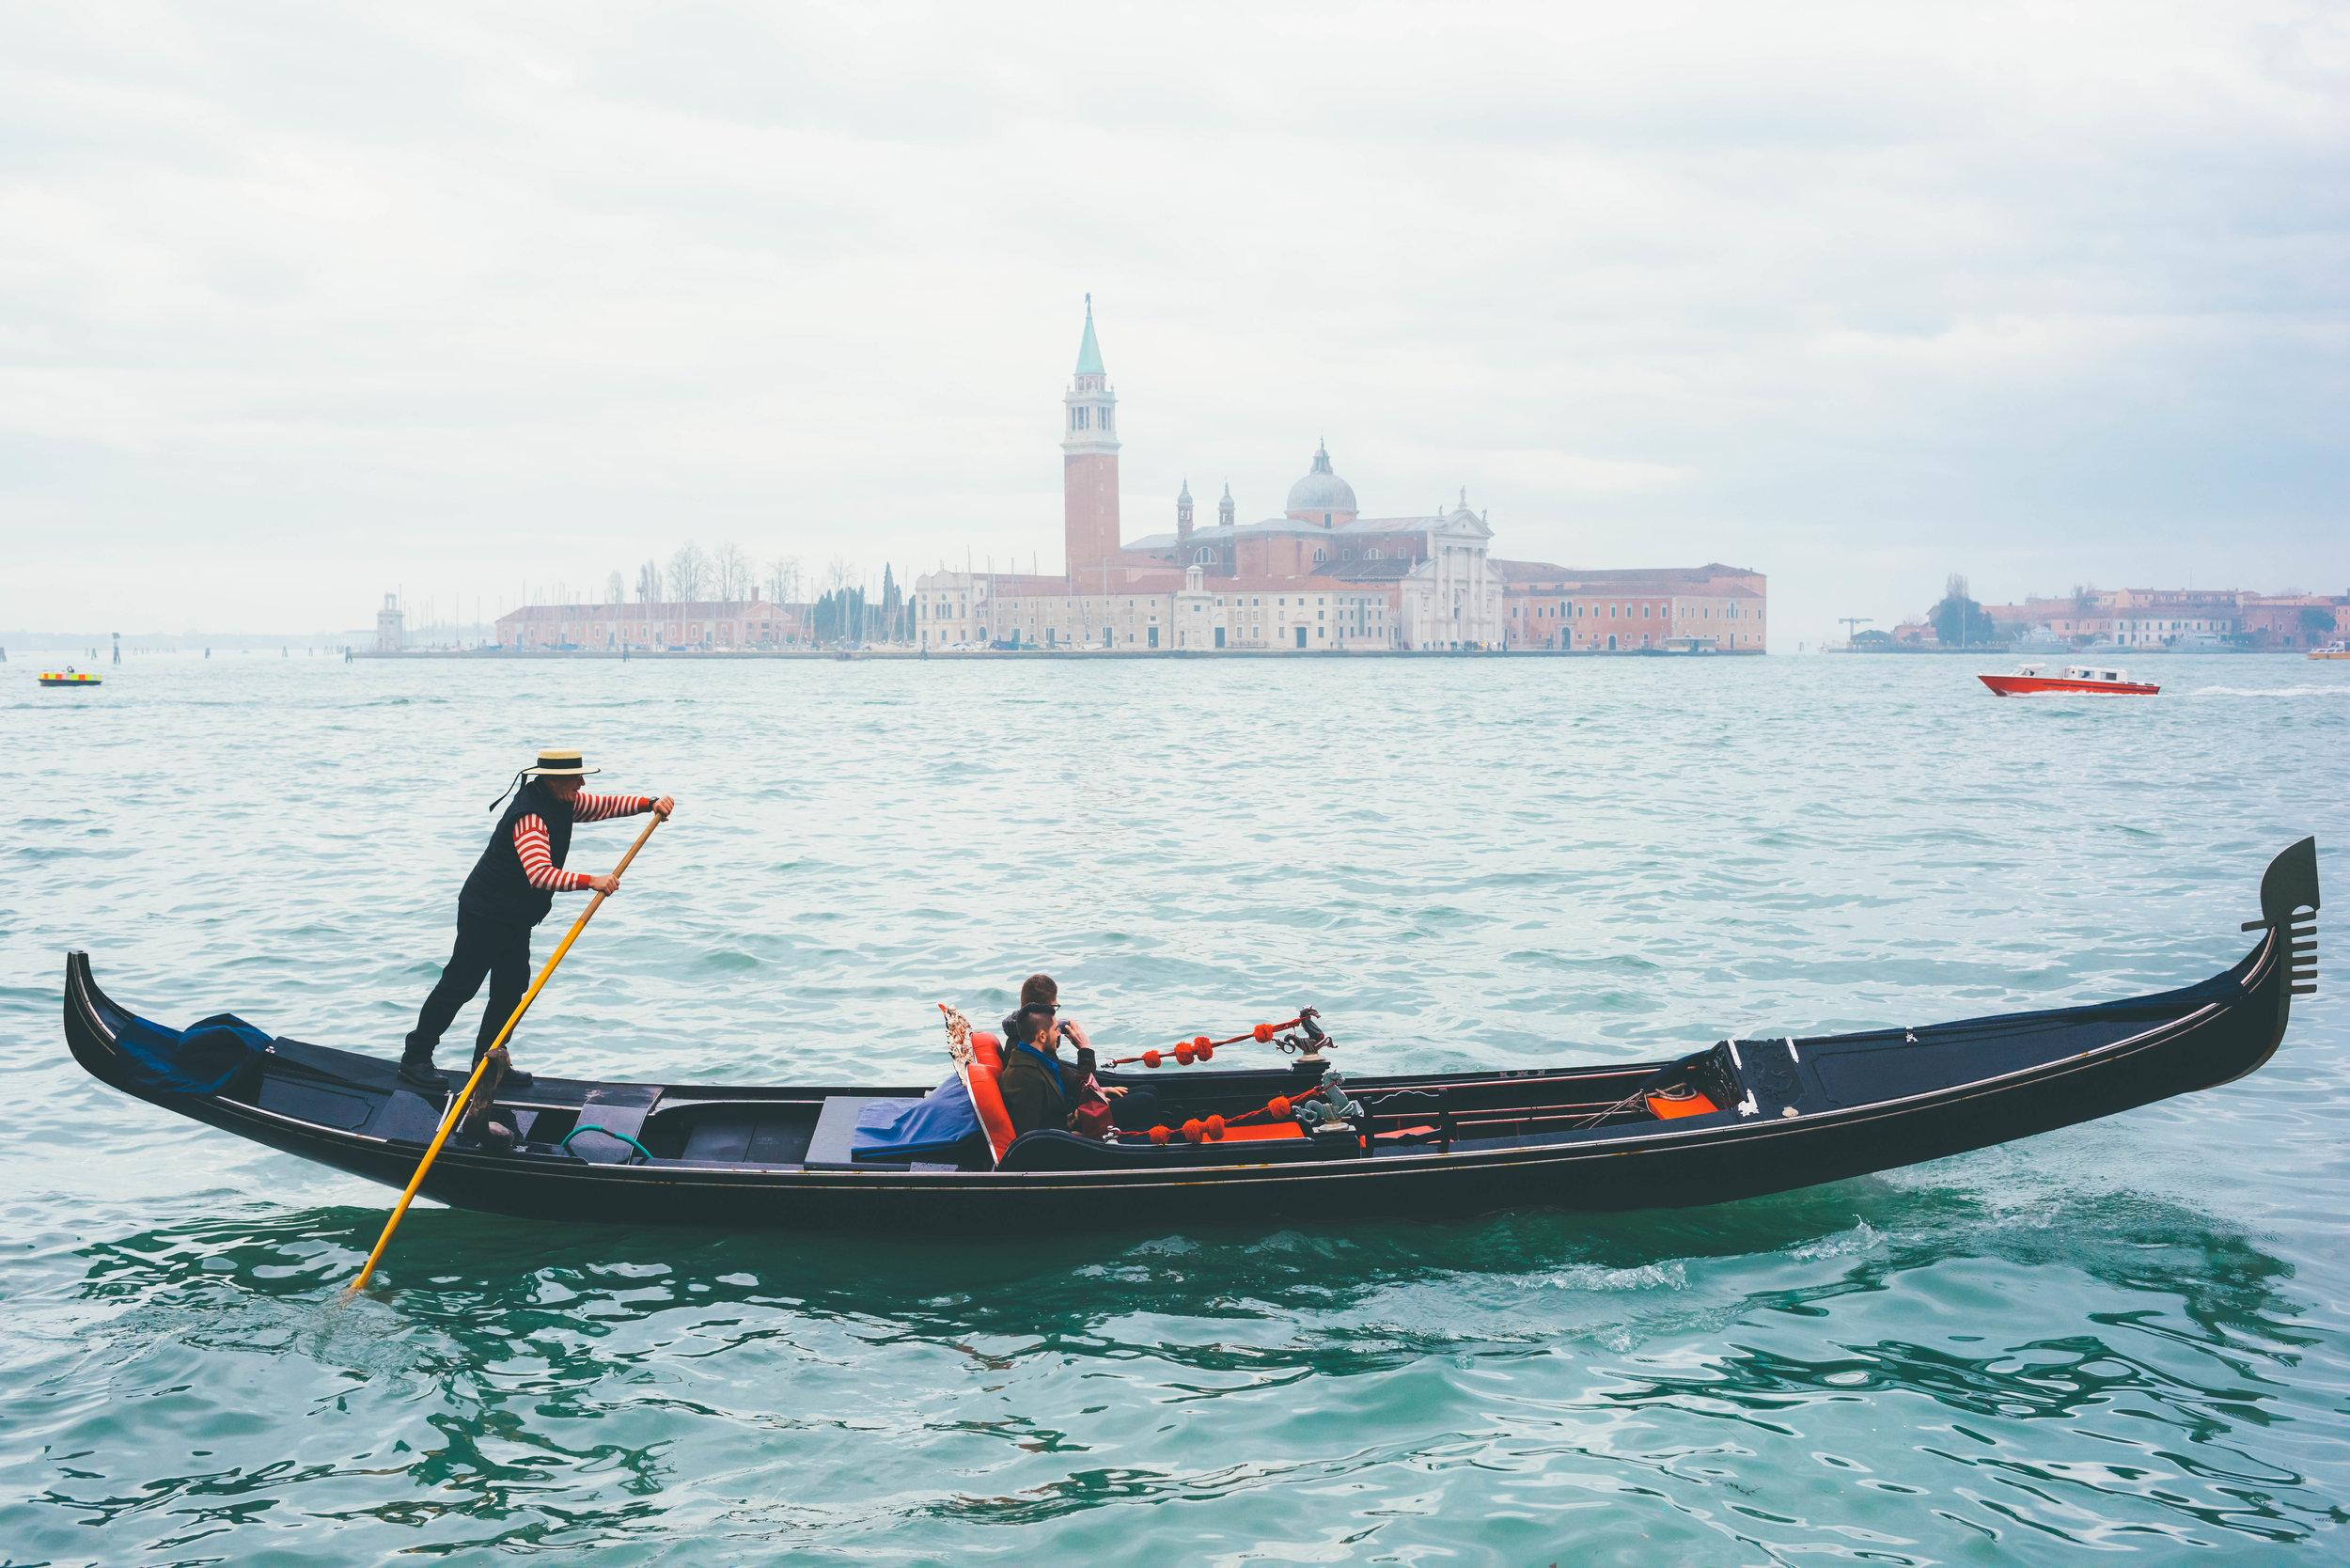 12_02-16 carnevale venezia-1408.jpg